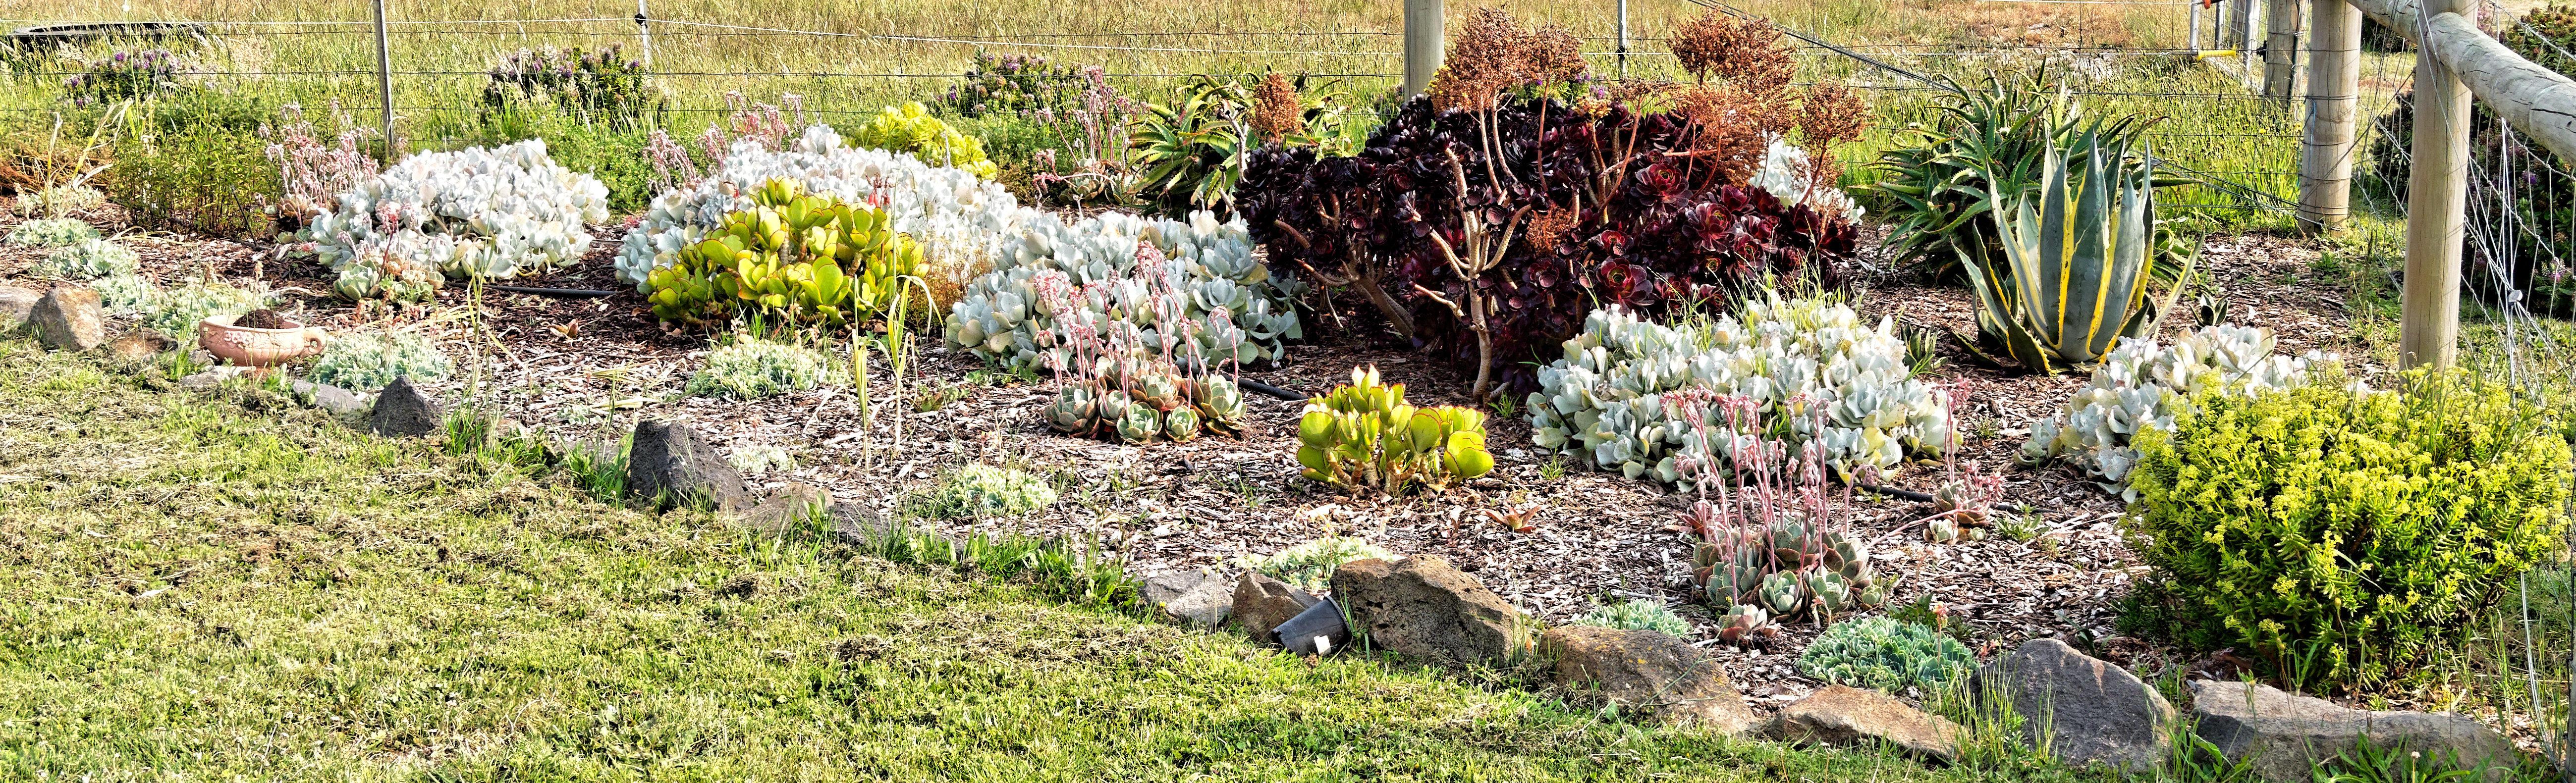 Succulent-garden-1-detail.jpeg